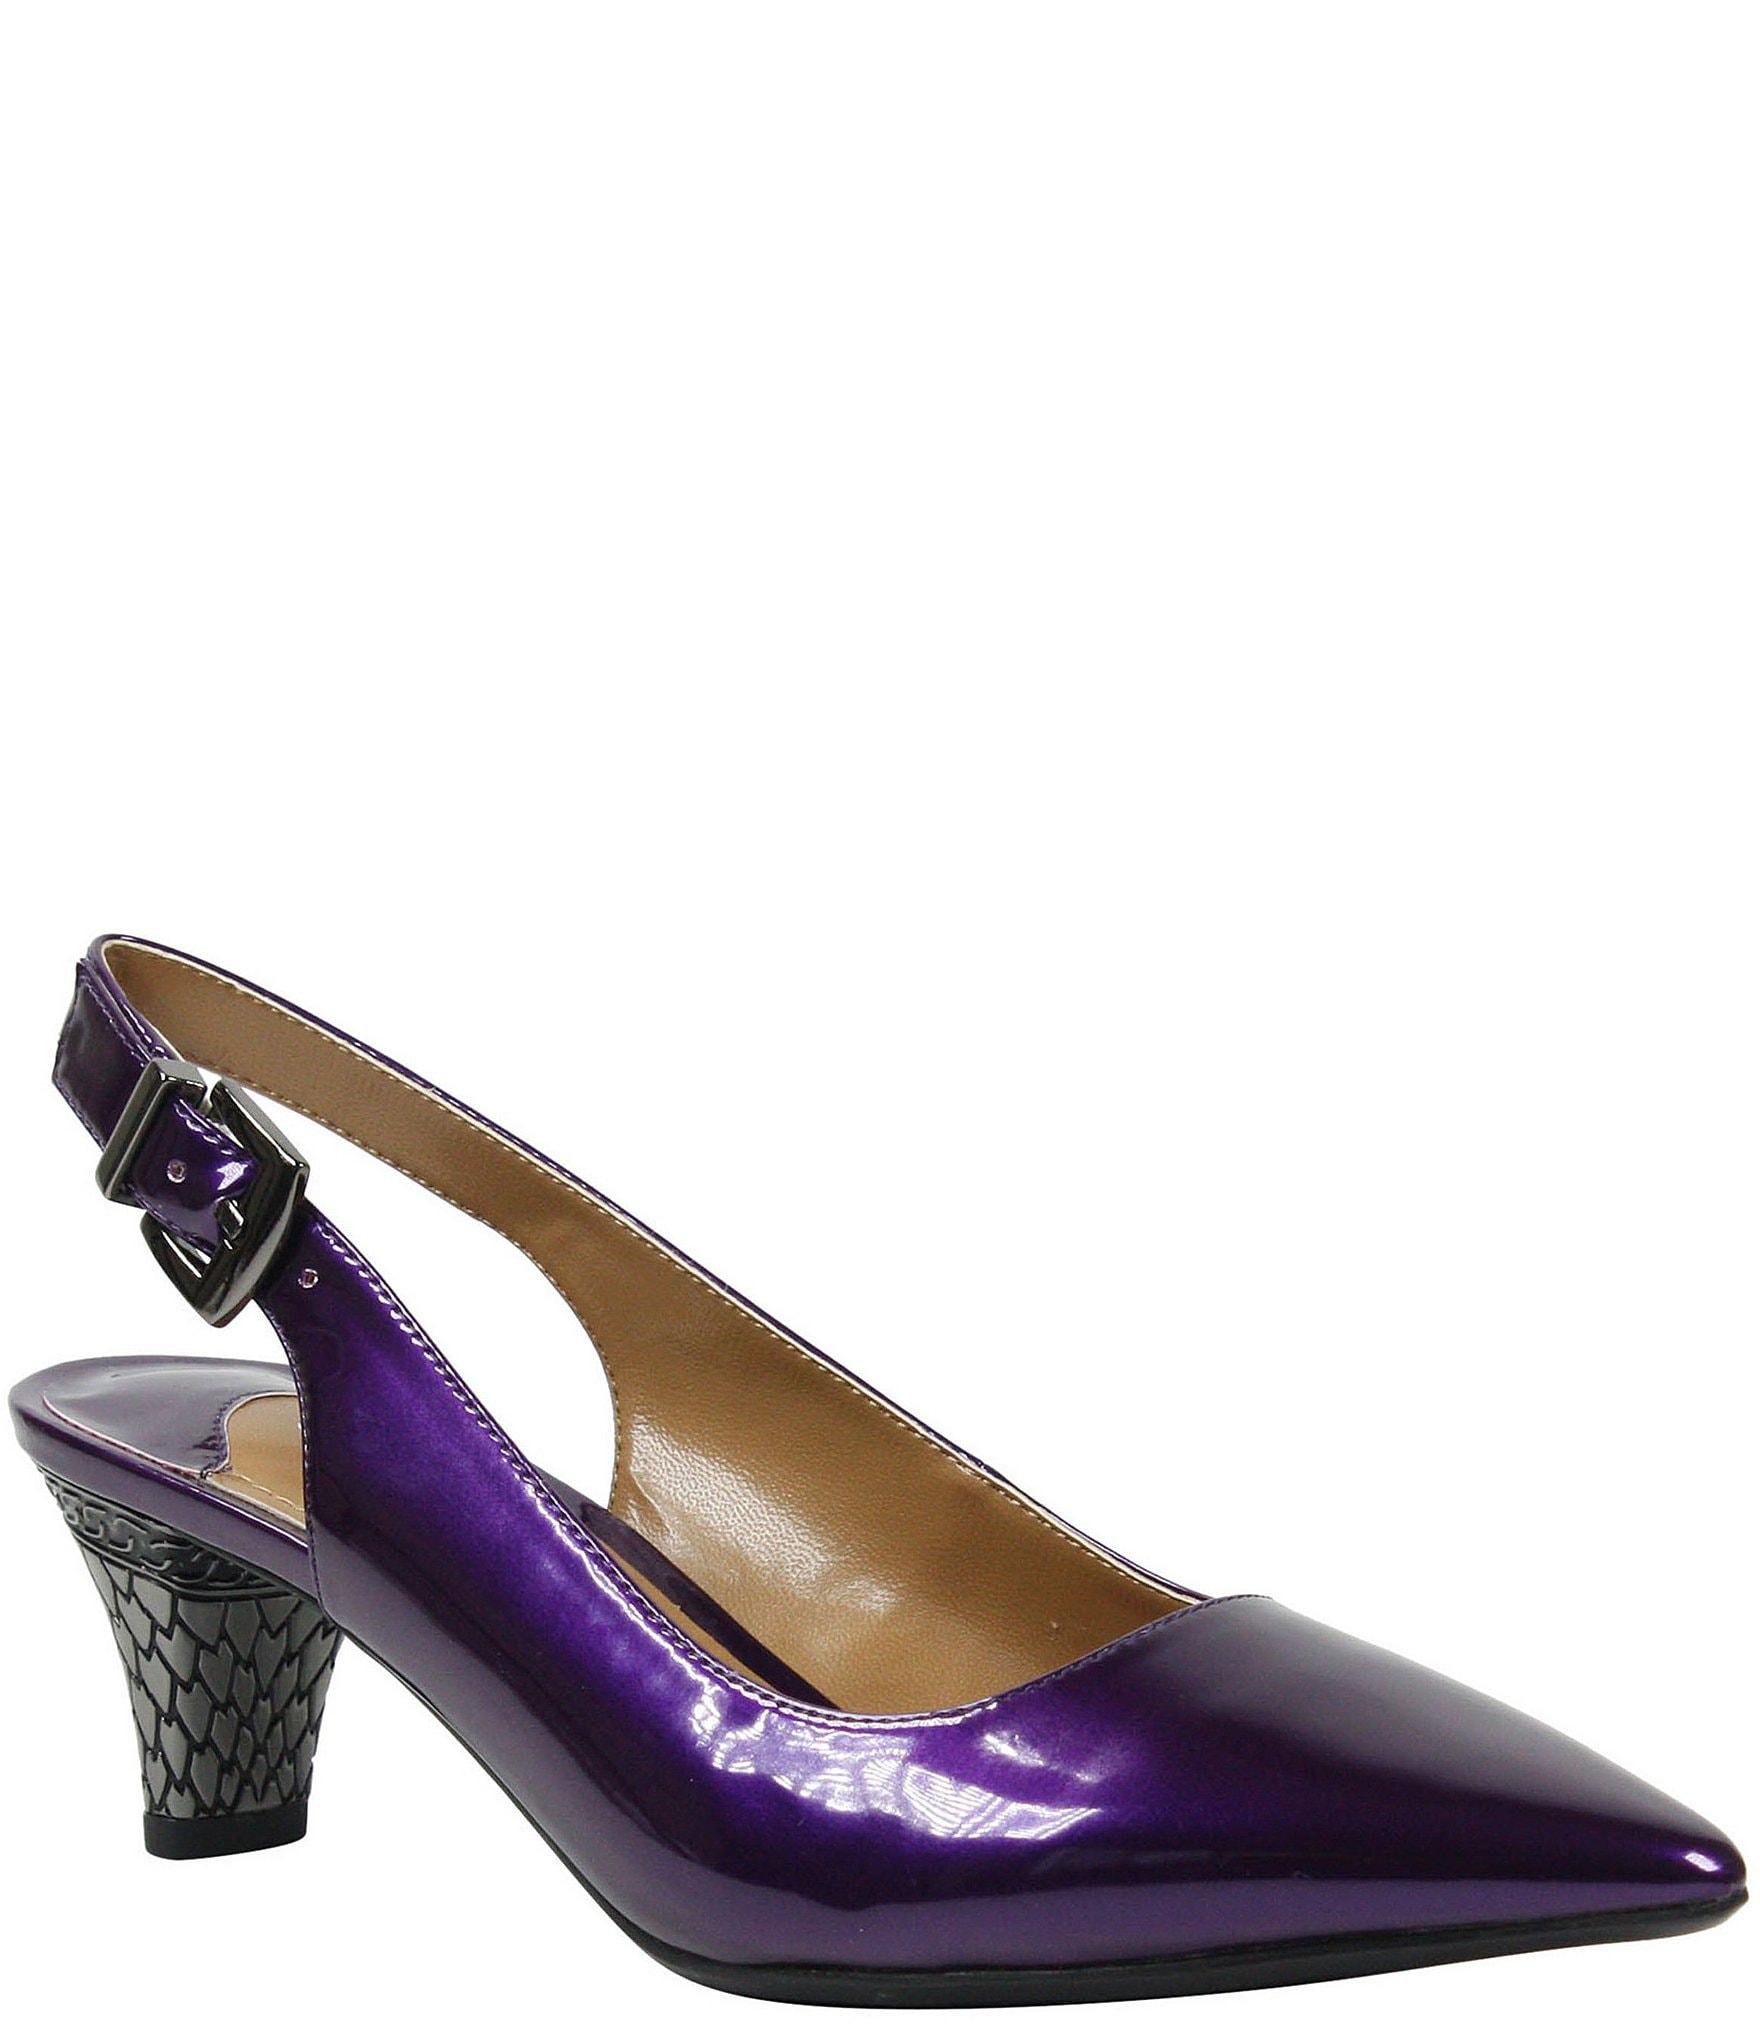 Purple Women's Pumps   Dillard's